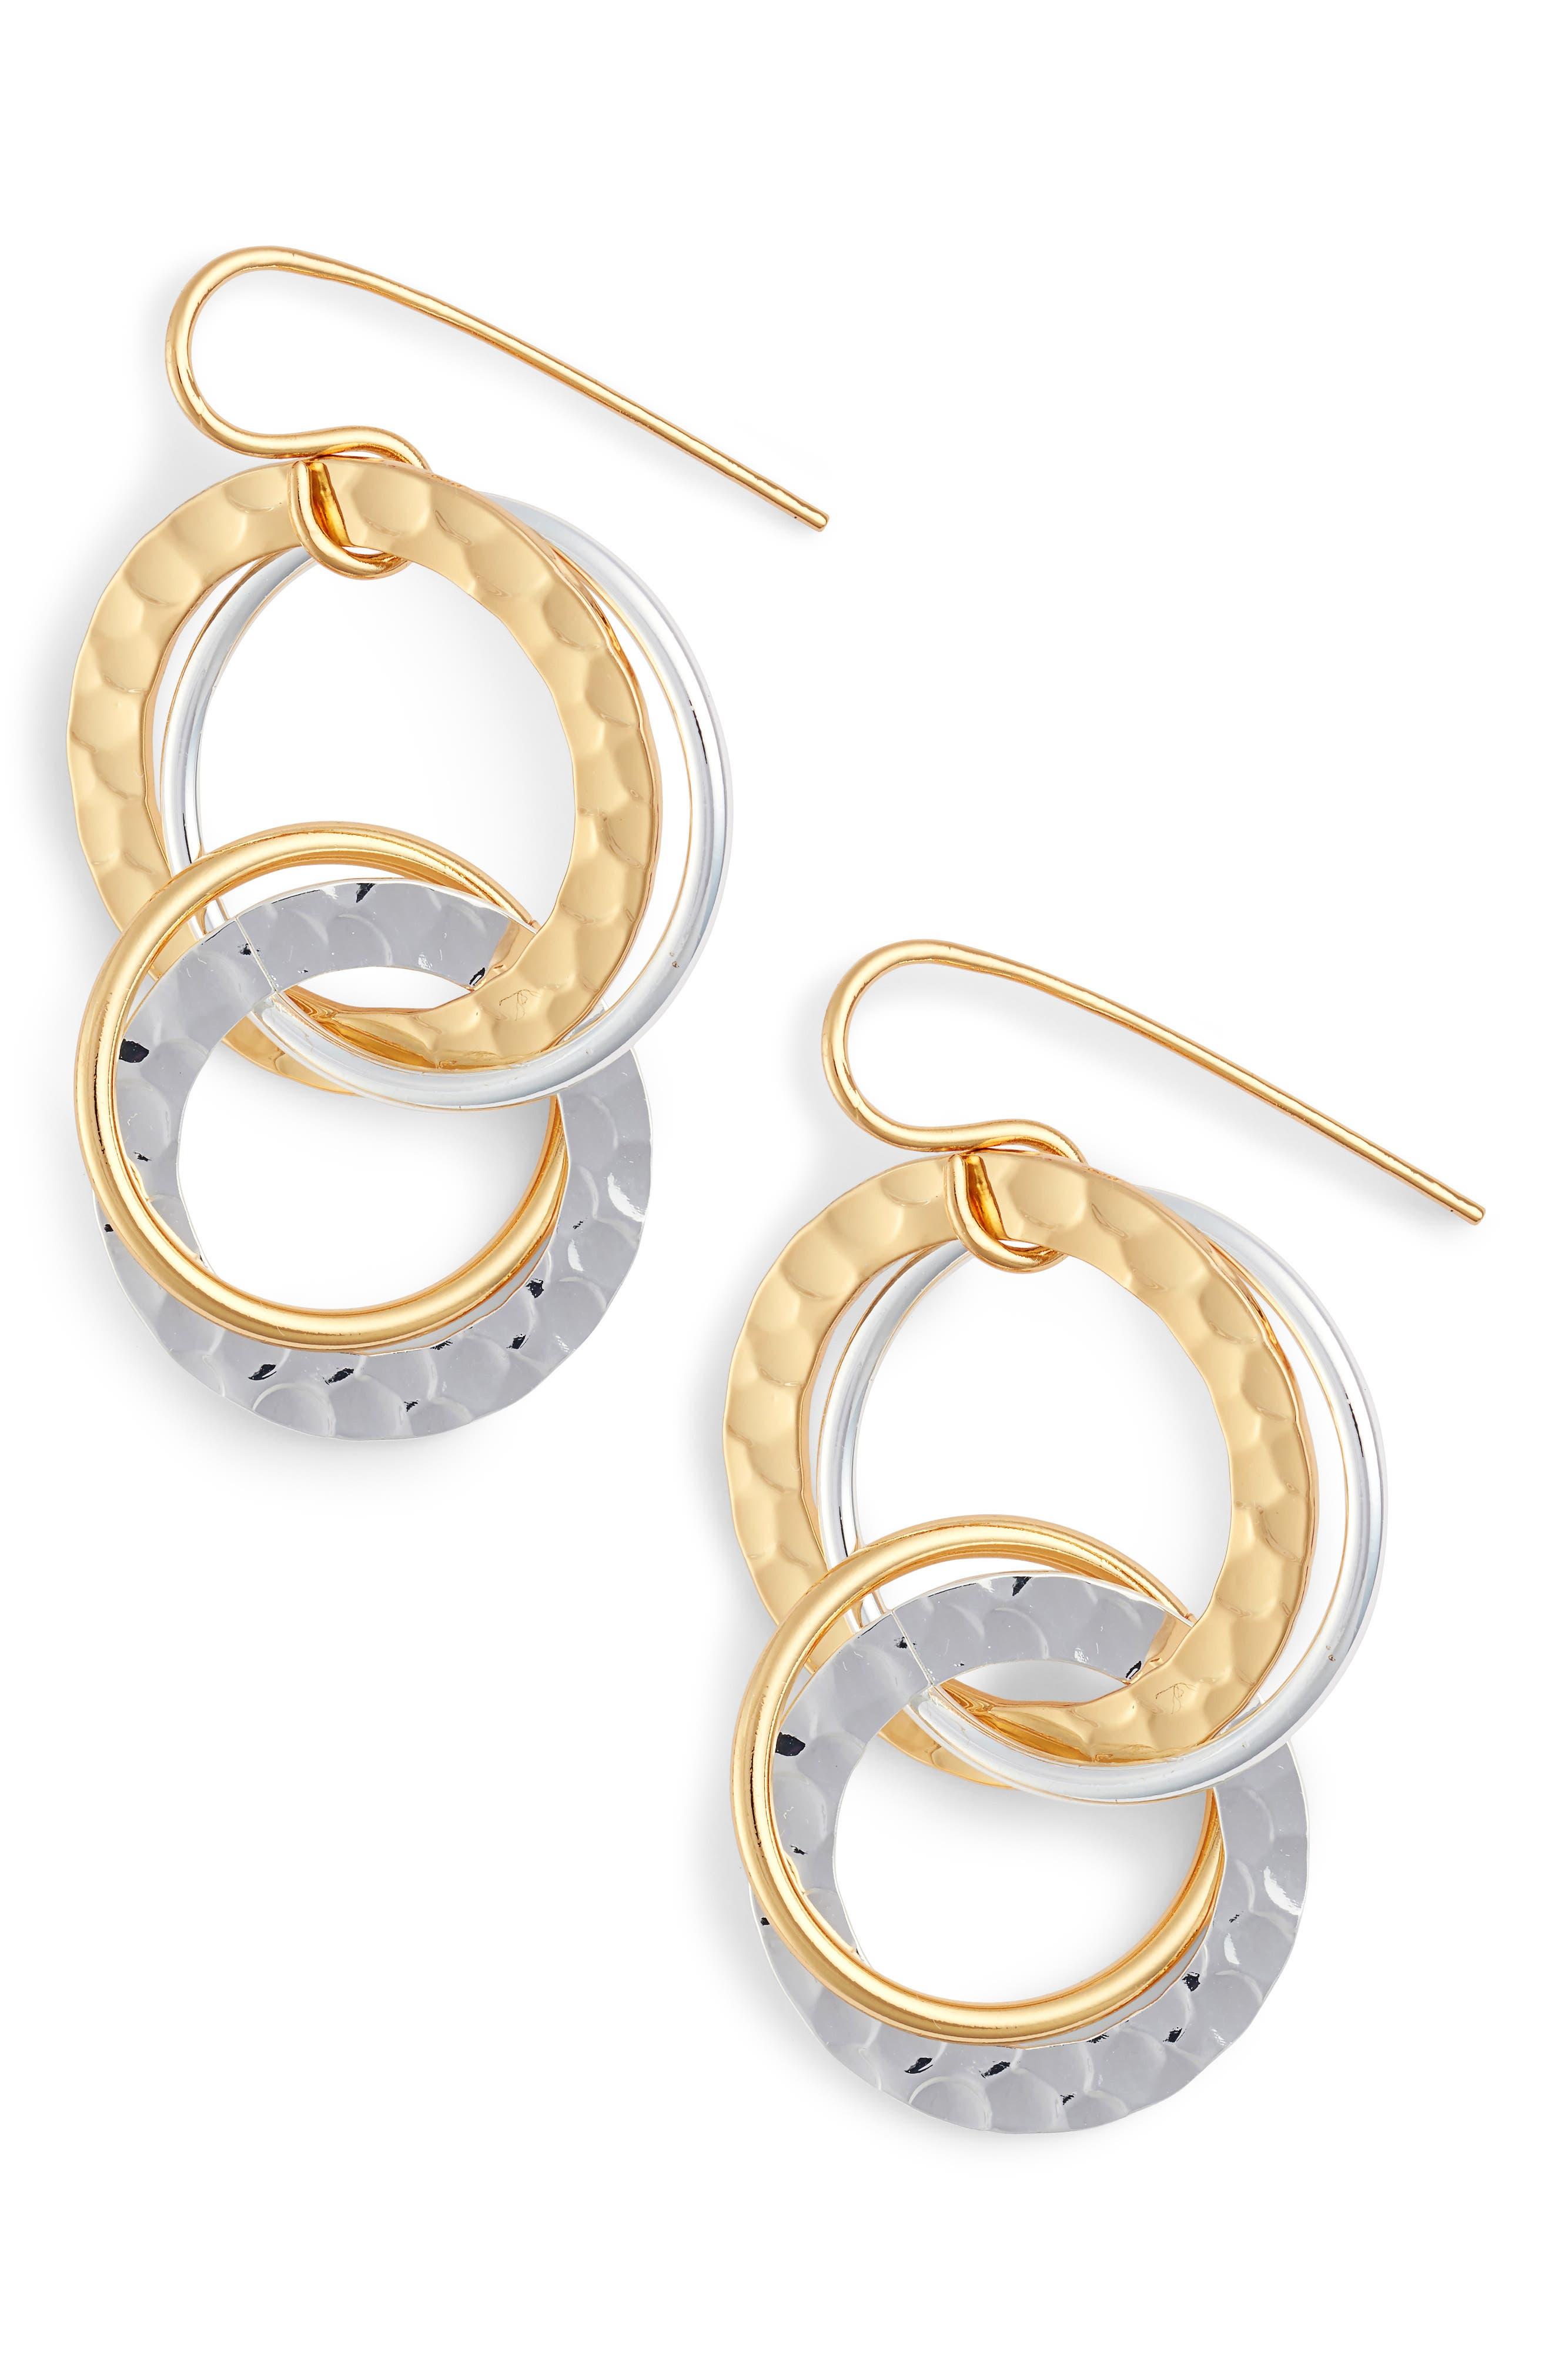 Alternate Image 1 Selected - DVF Multi Ring Earrings